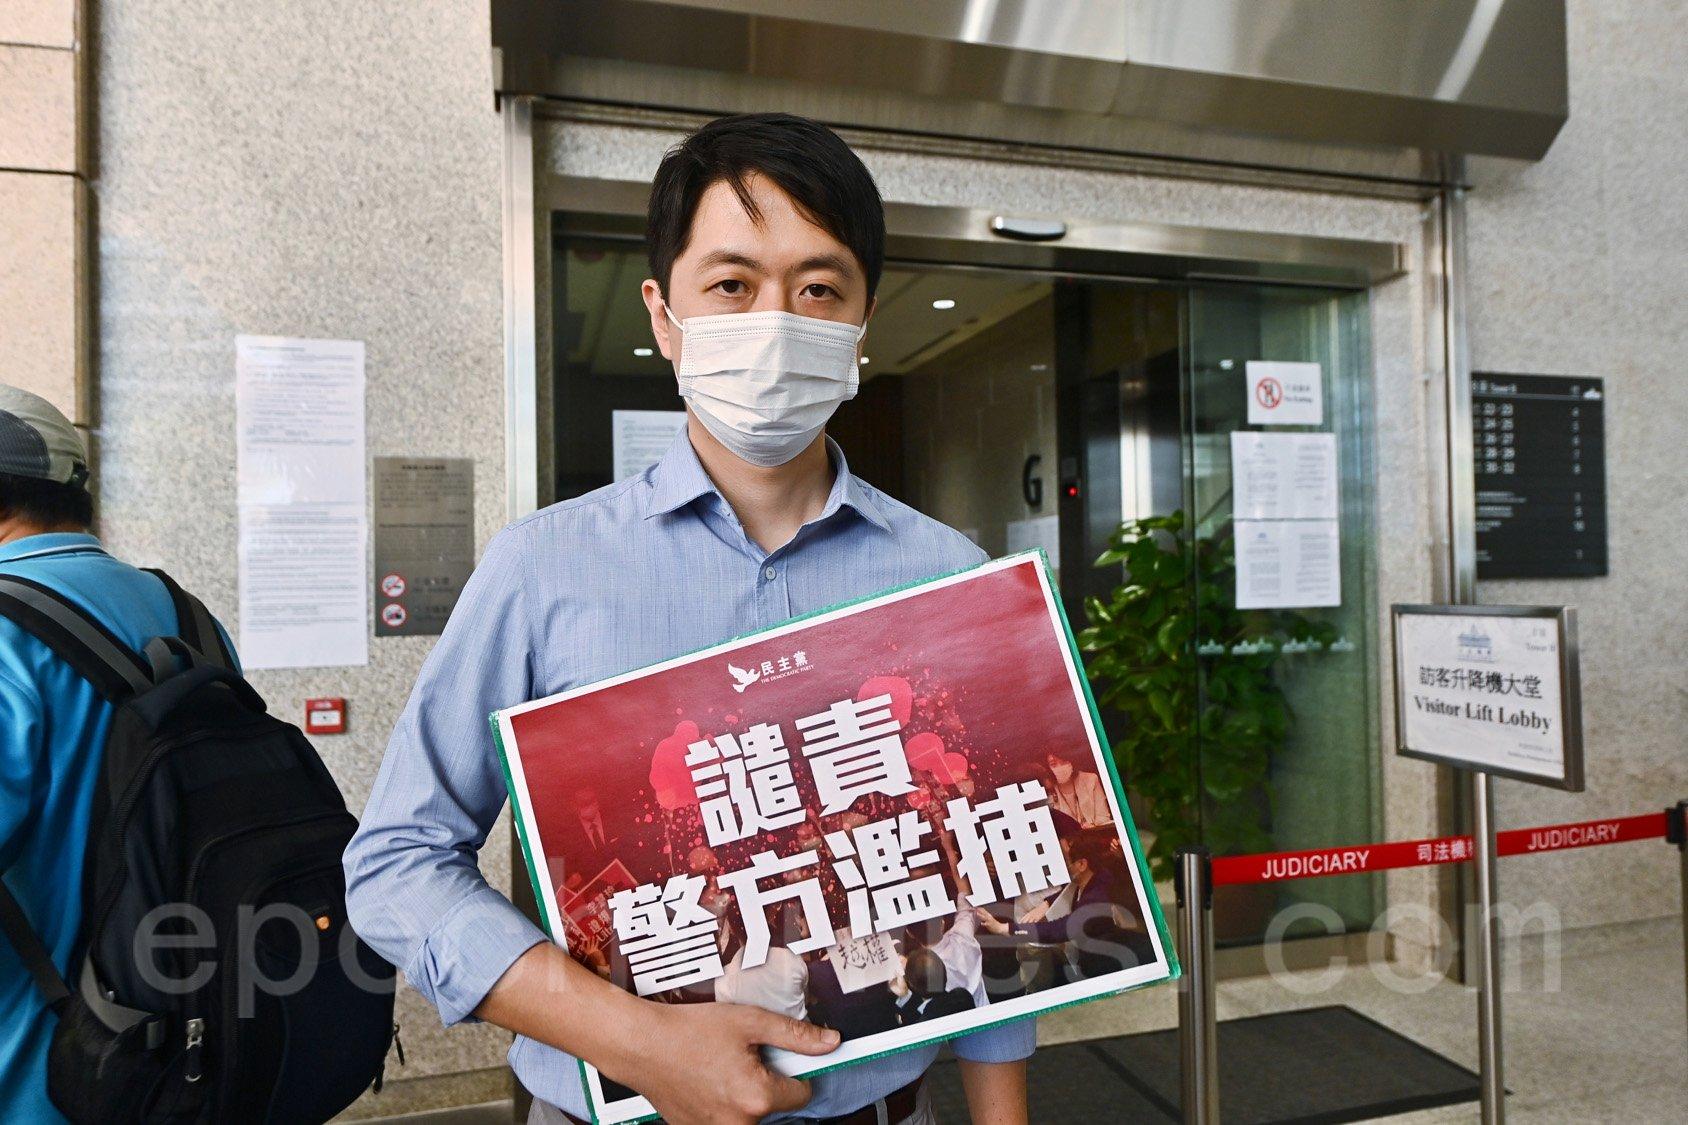 12月3日,許智峯在其Facebook上發文表示,正式宣佈「流亡」,並退出香港民主黨,暫別香港。圖為許智峯。(大紀元資料圖片)